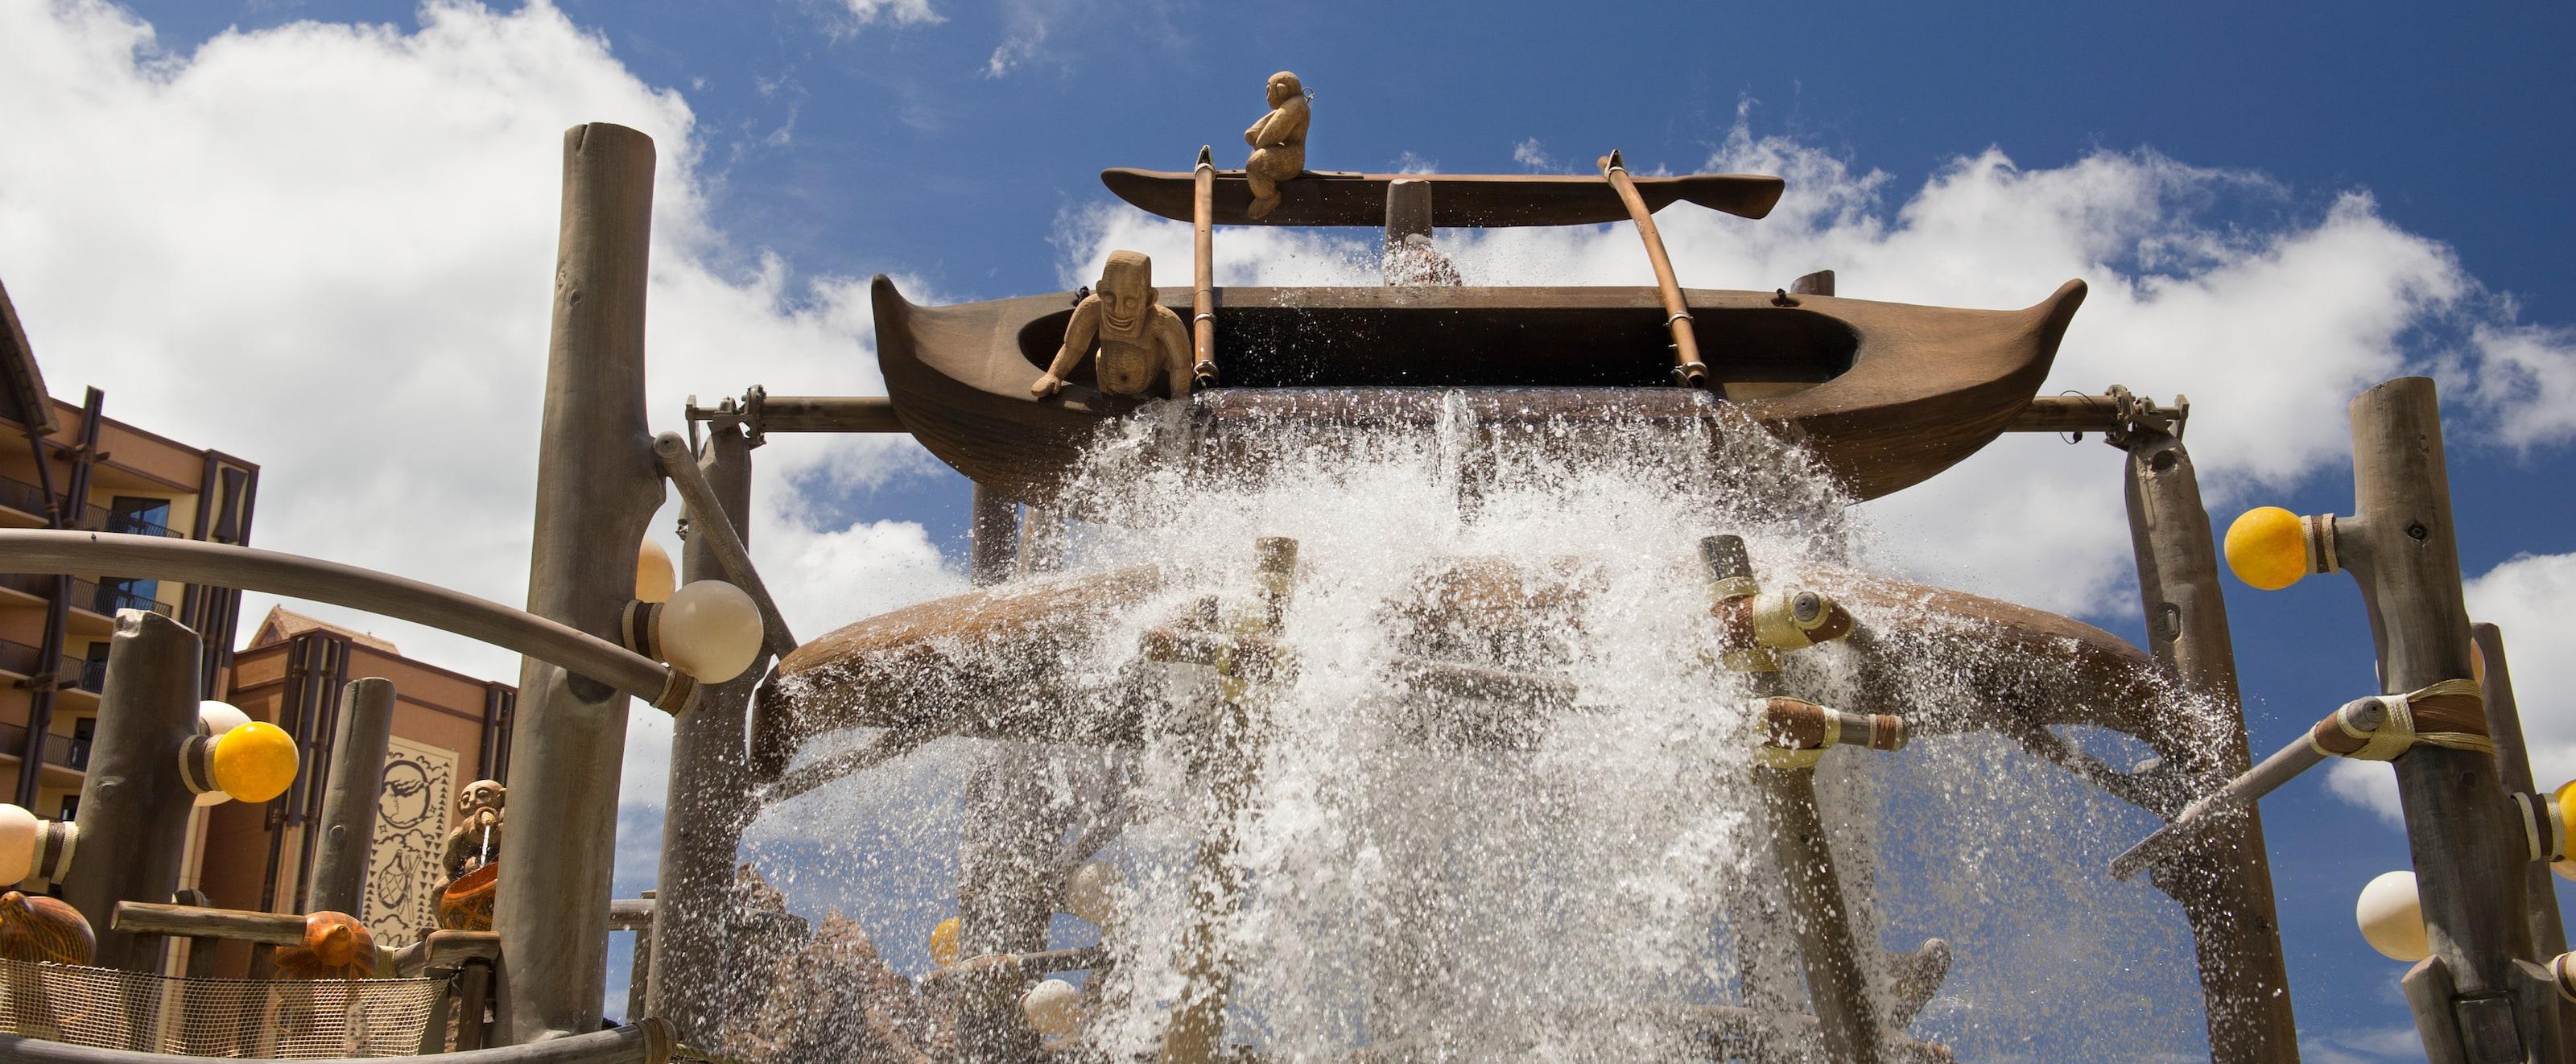 メネフネ・ブリッジのアウトリガーカヌーから、下にあるインタラクティブな水遊びエリアに流れ落ちる水